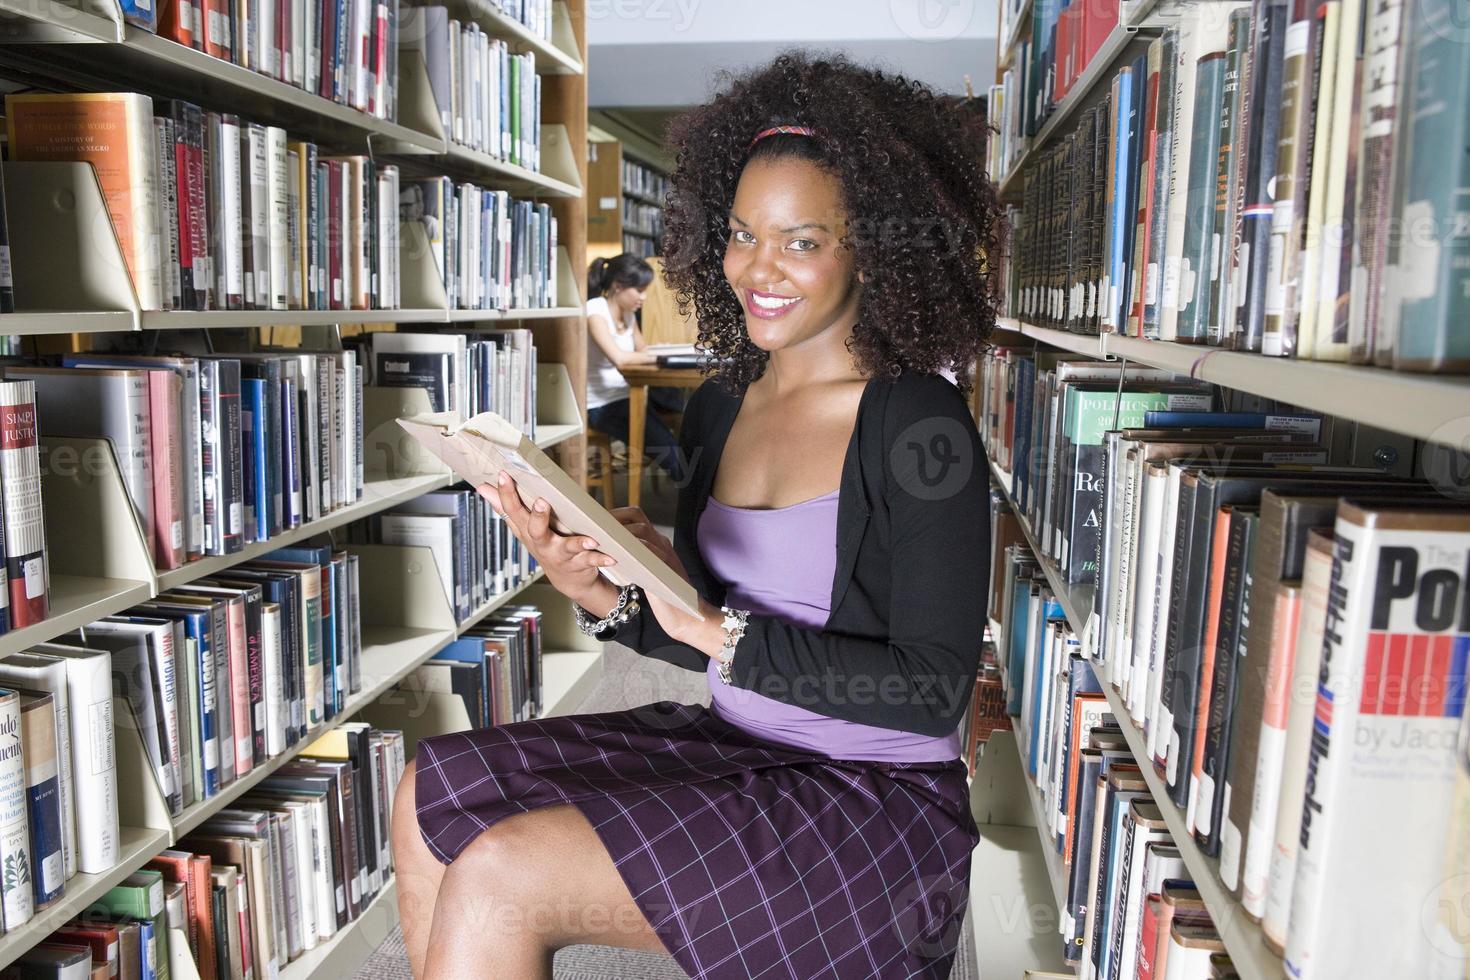 Studentin studiert in Bibliothek, Porträt foto